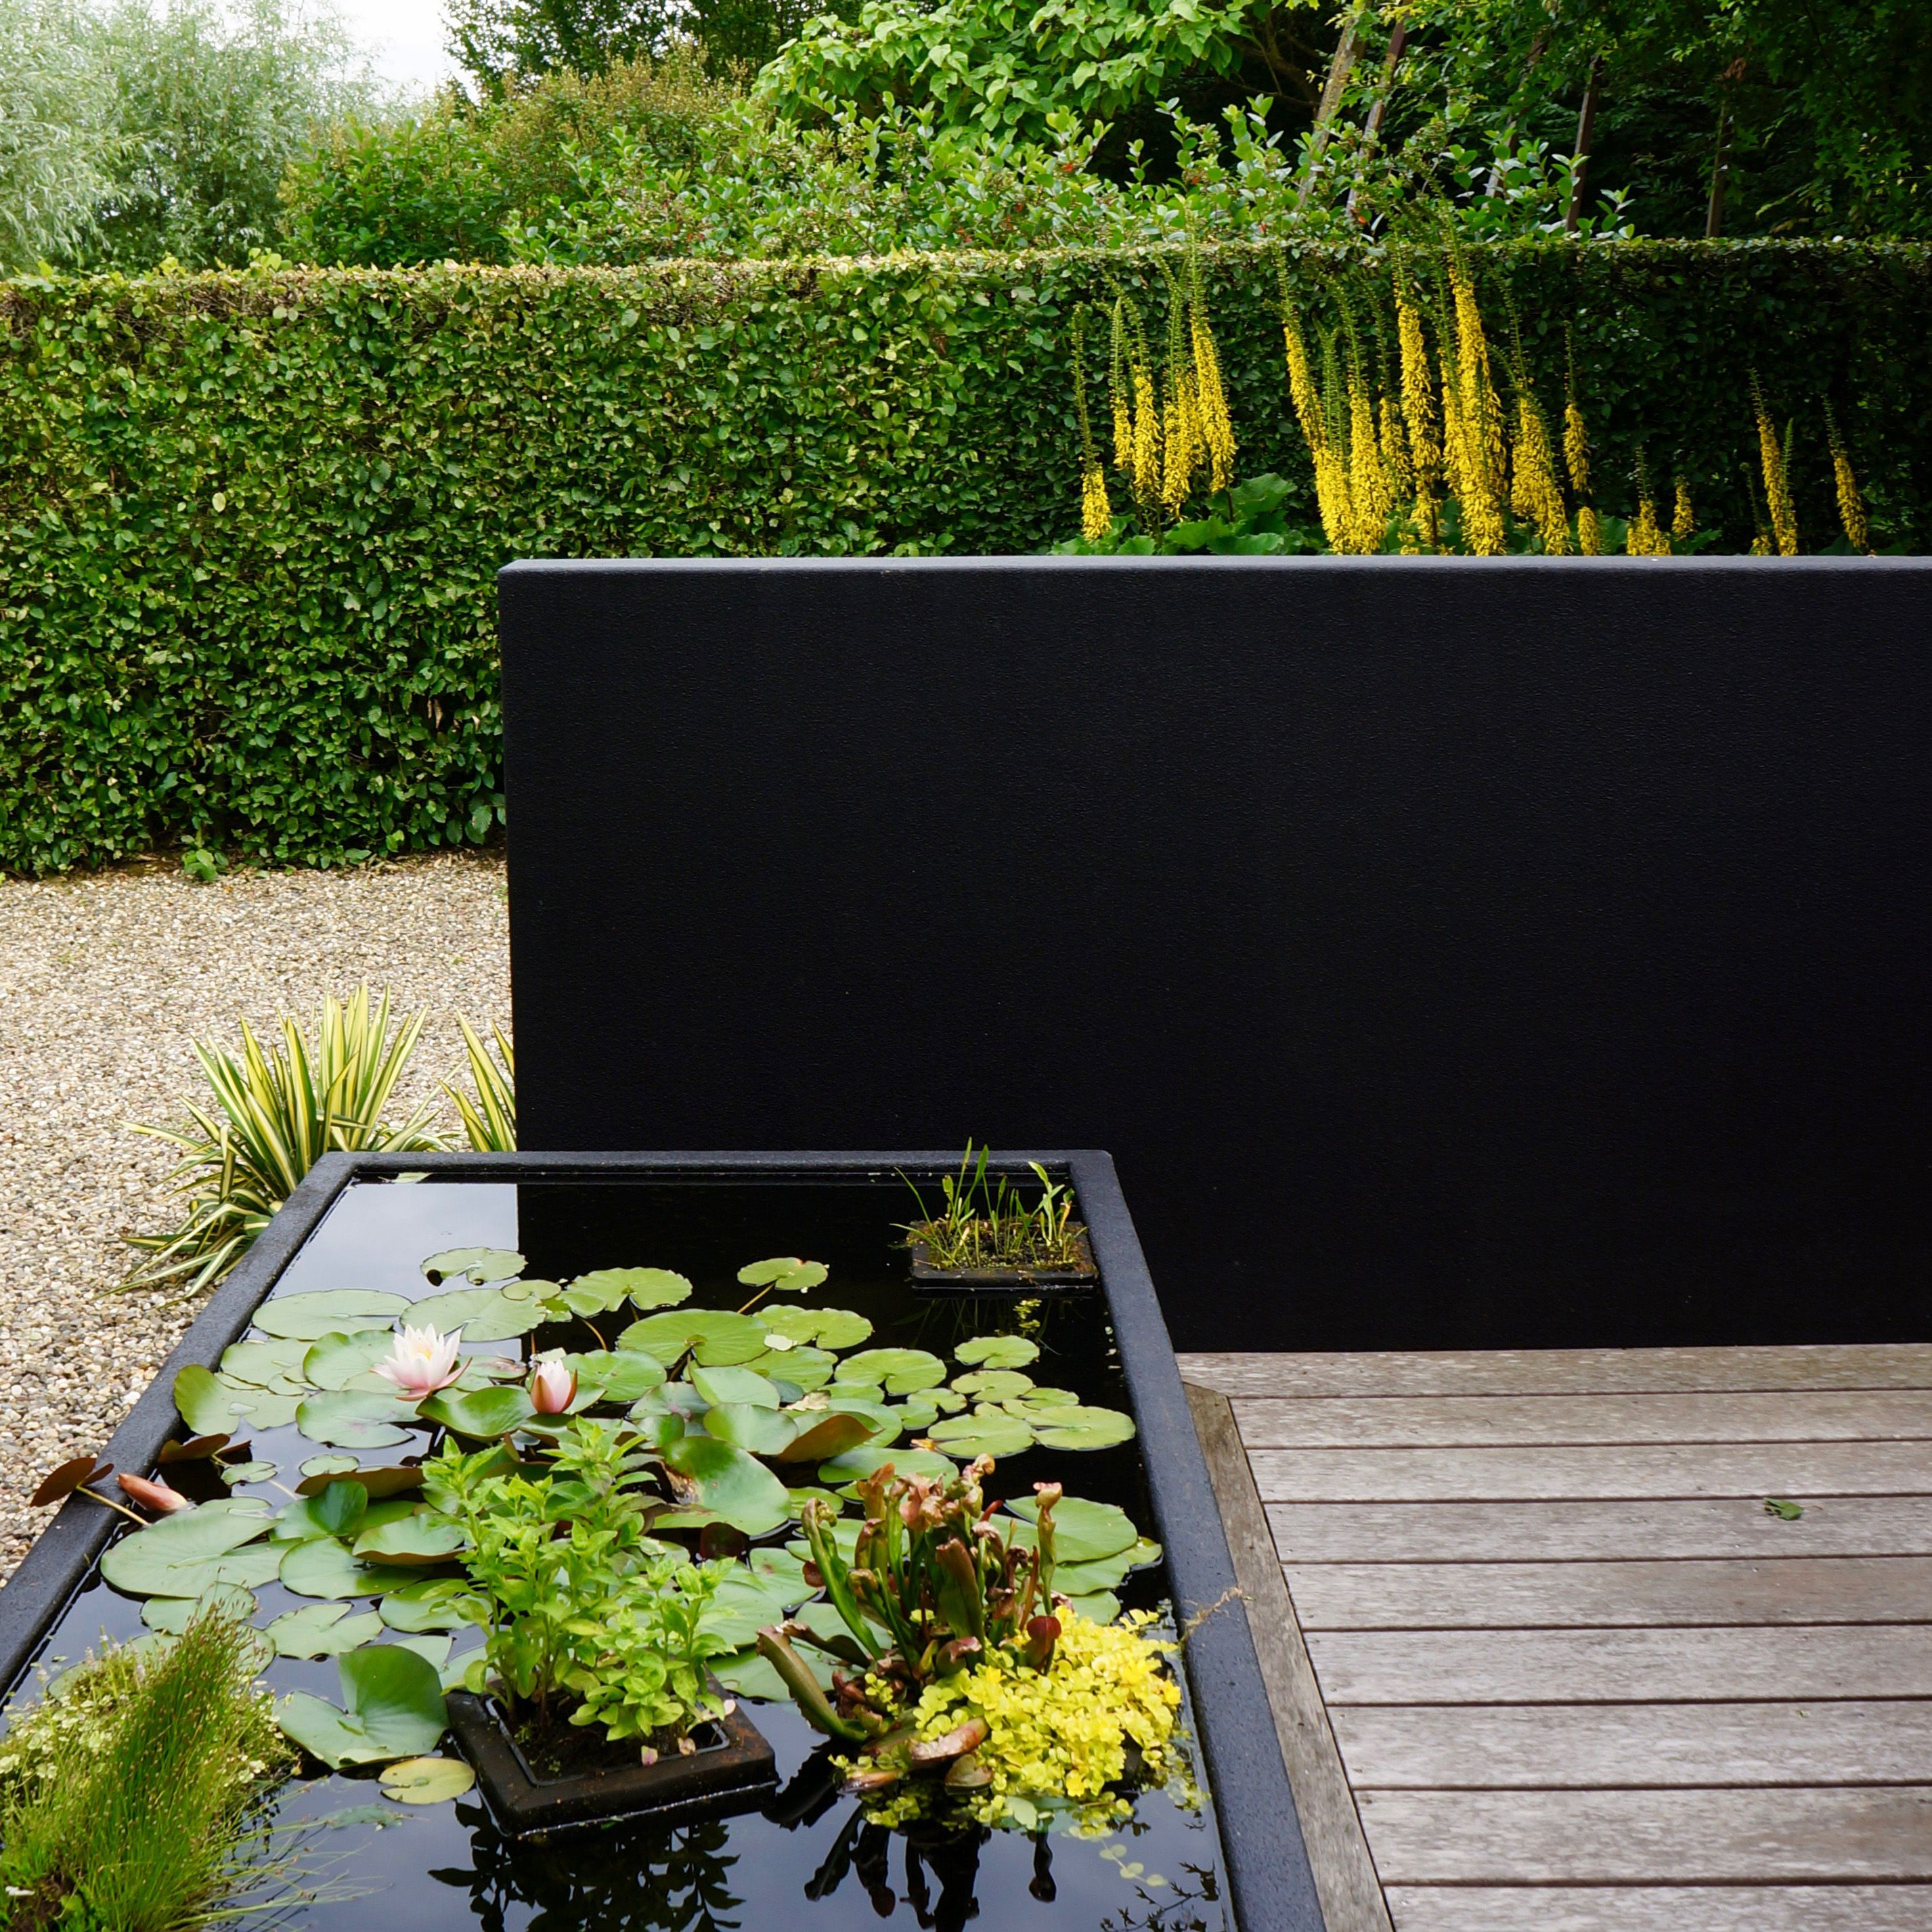 Nordic garden